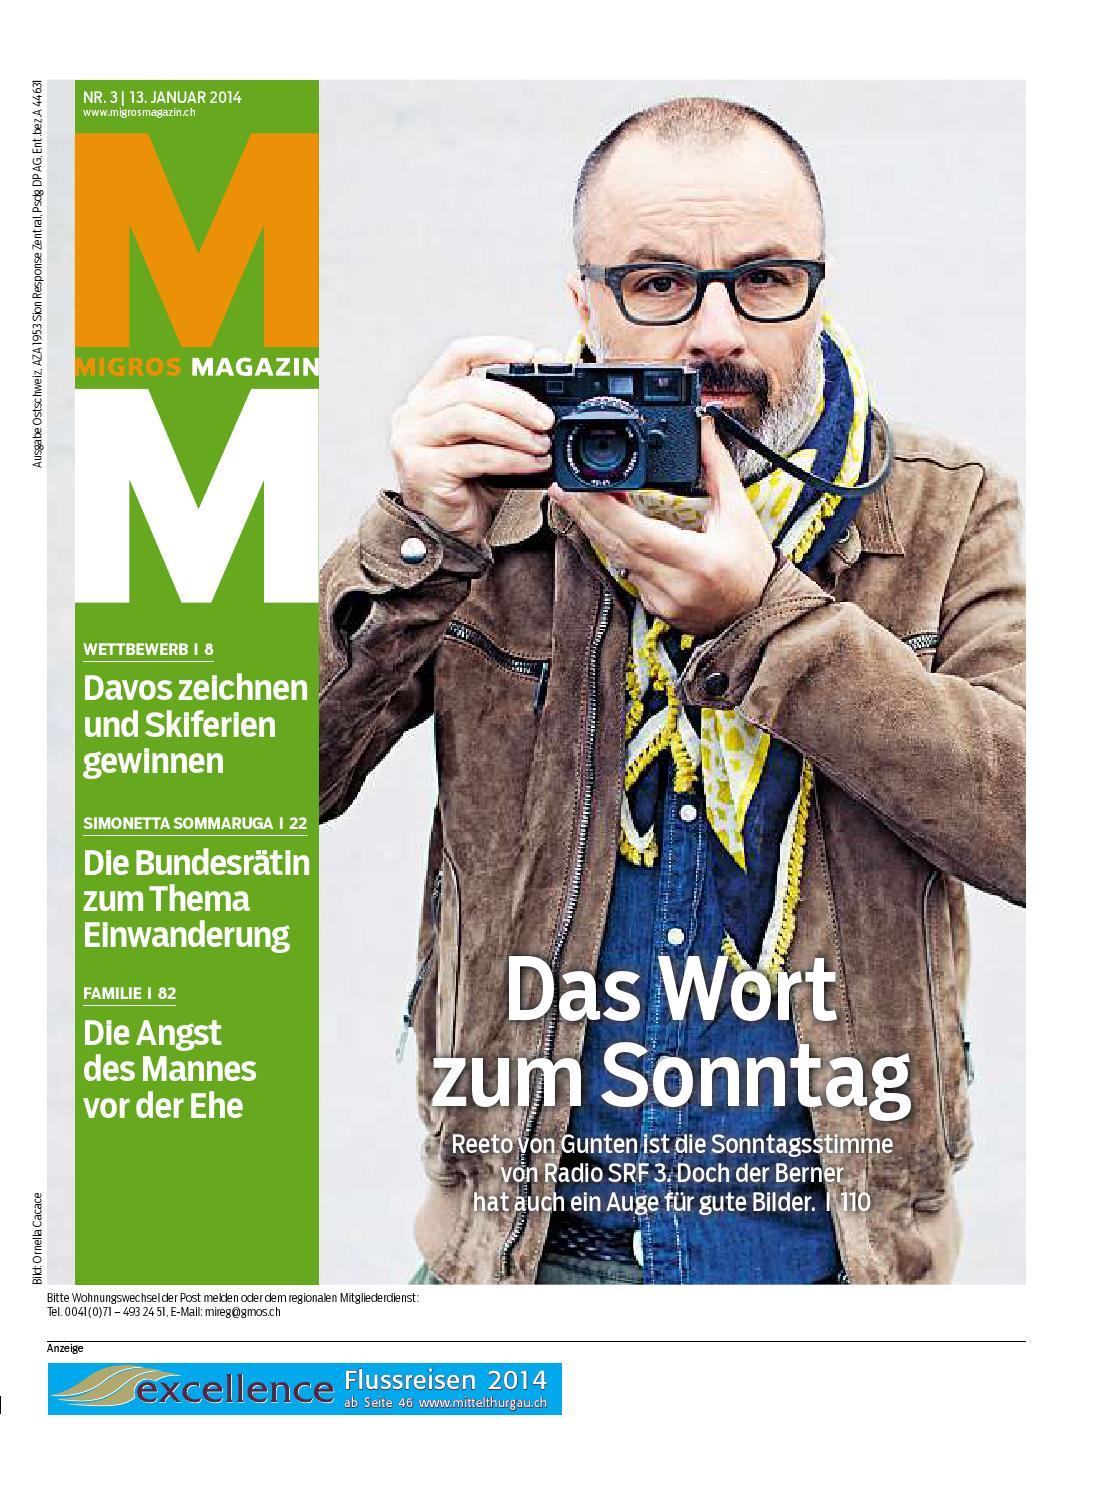 Migros magazin 03 2014 d os by Migros-Genossenschafts-Bund - issuu